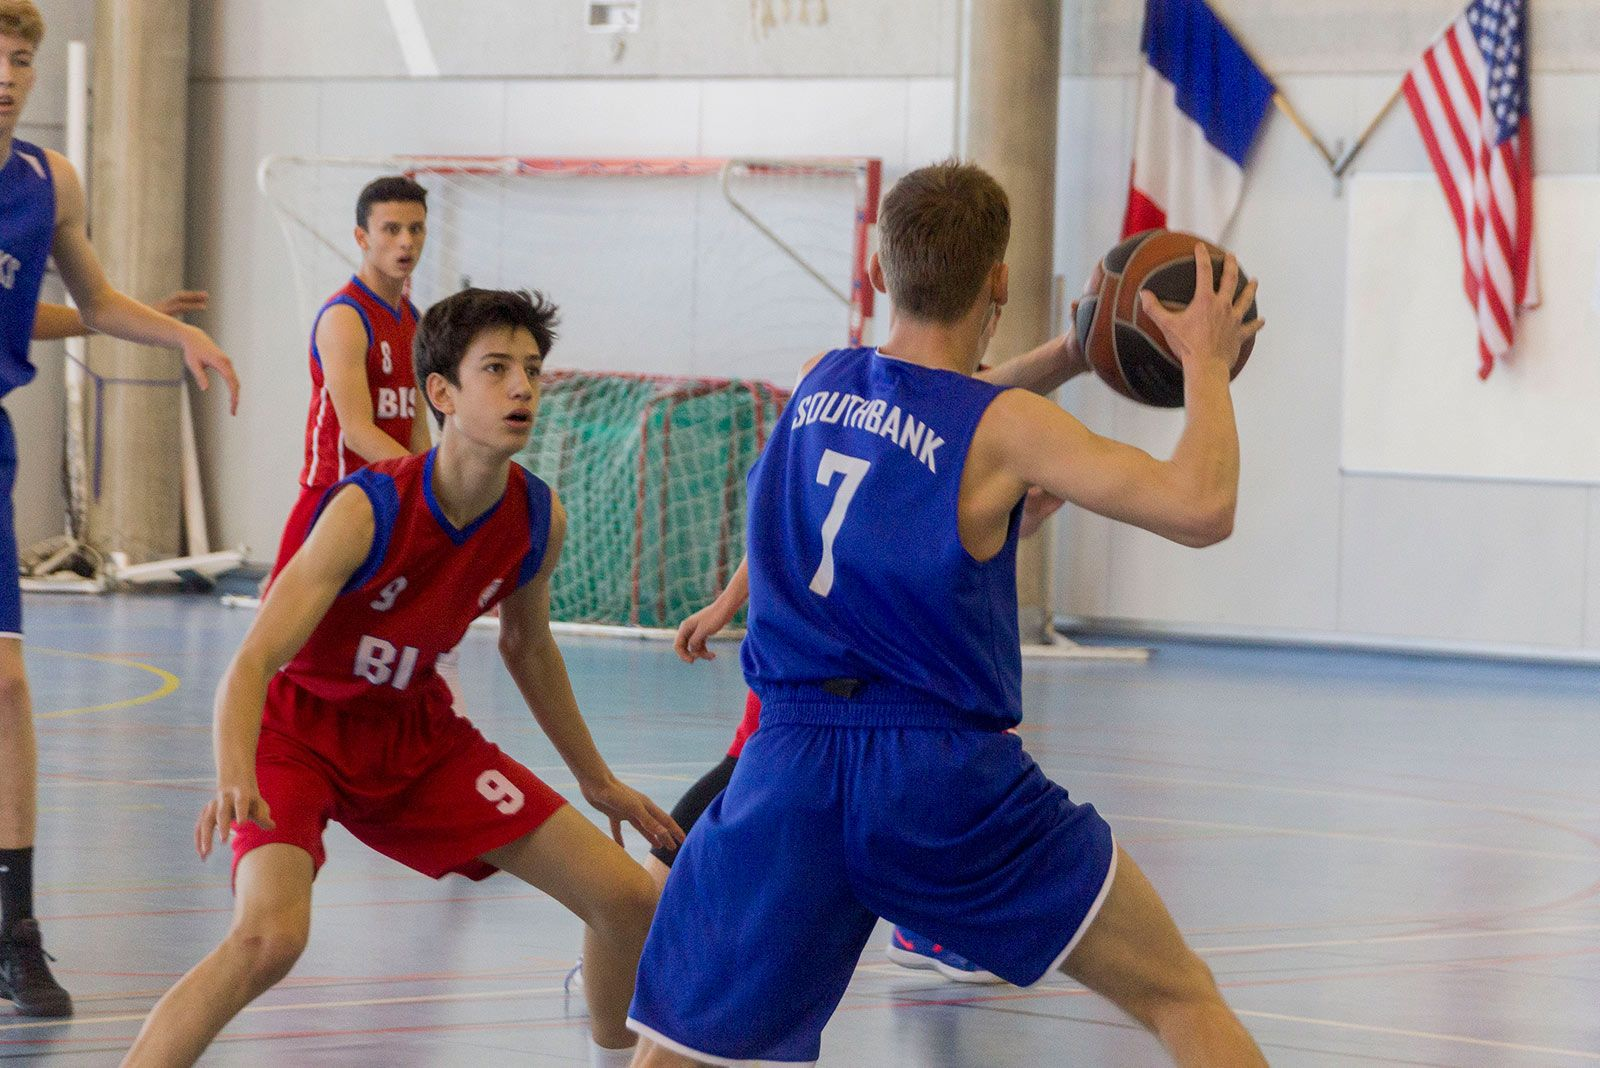 Torneig ISSA de bàsquet masculí. FOTO: Paula Galván